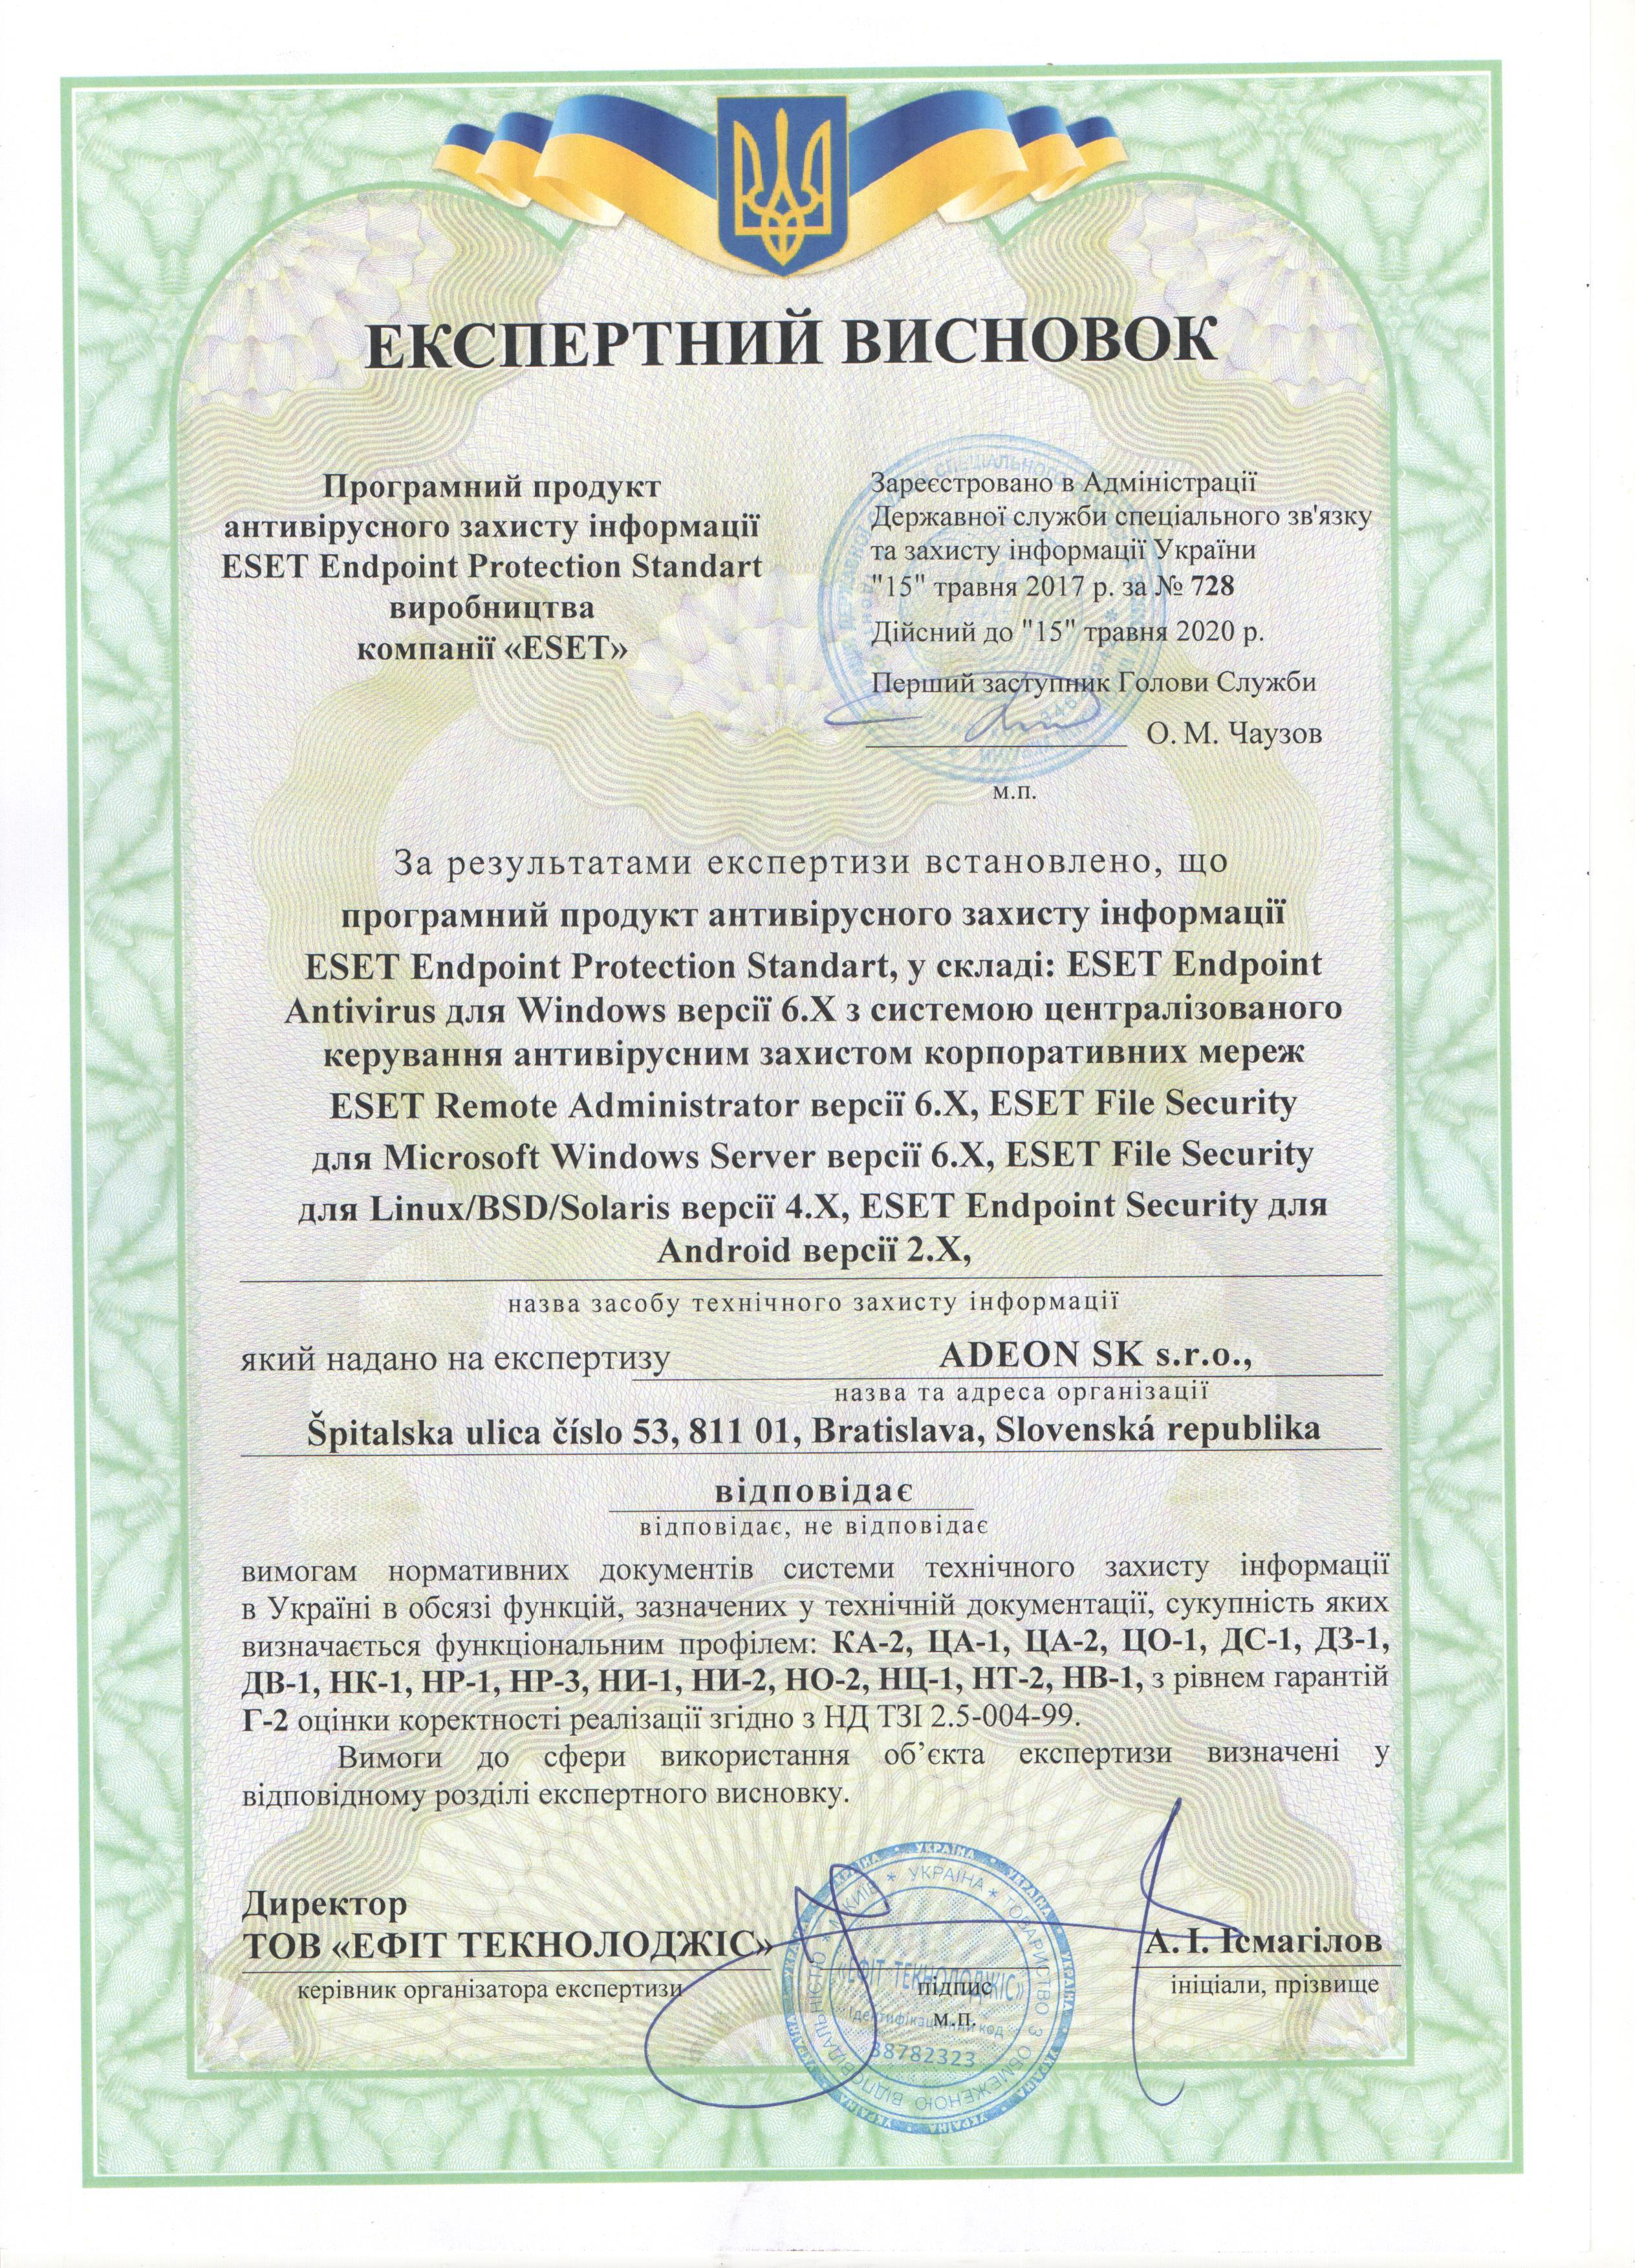 Експертні висновки ДССЗЗІ України для Eset